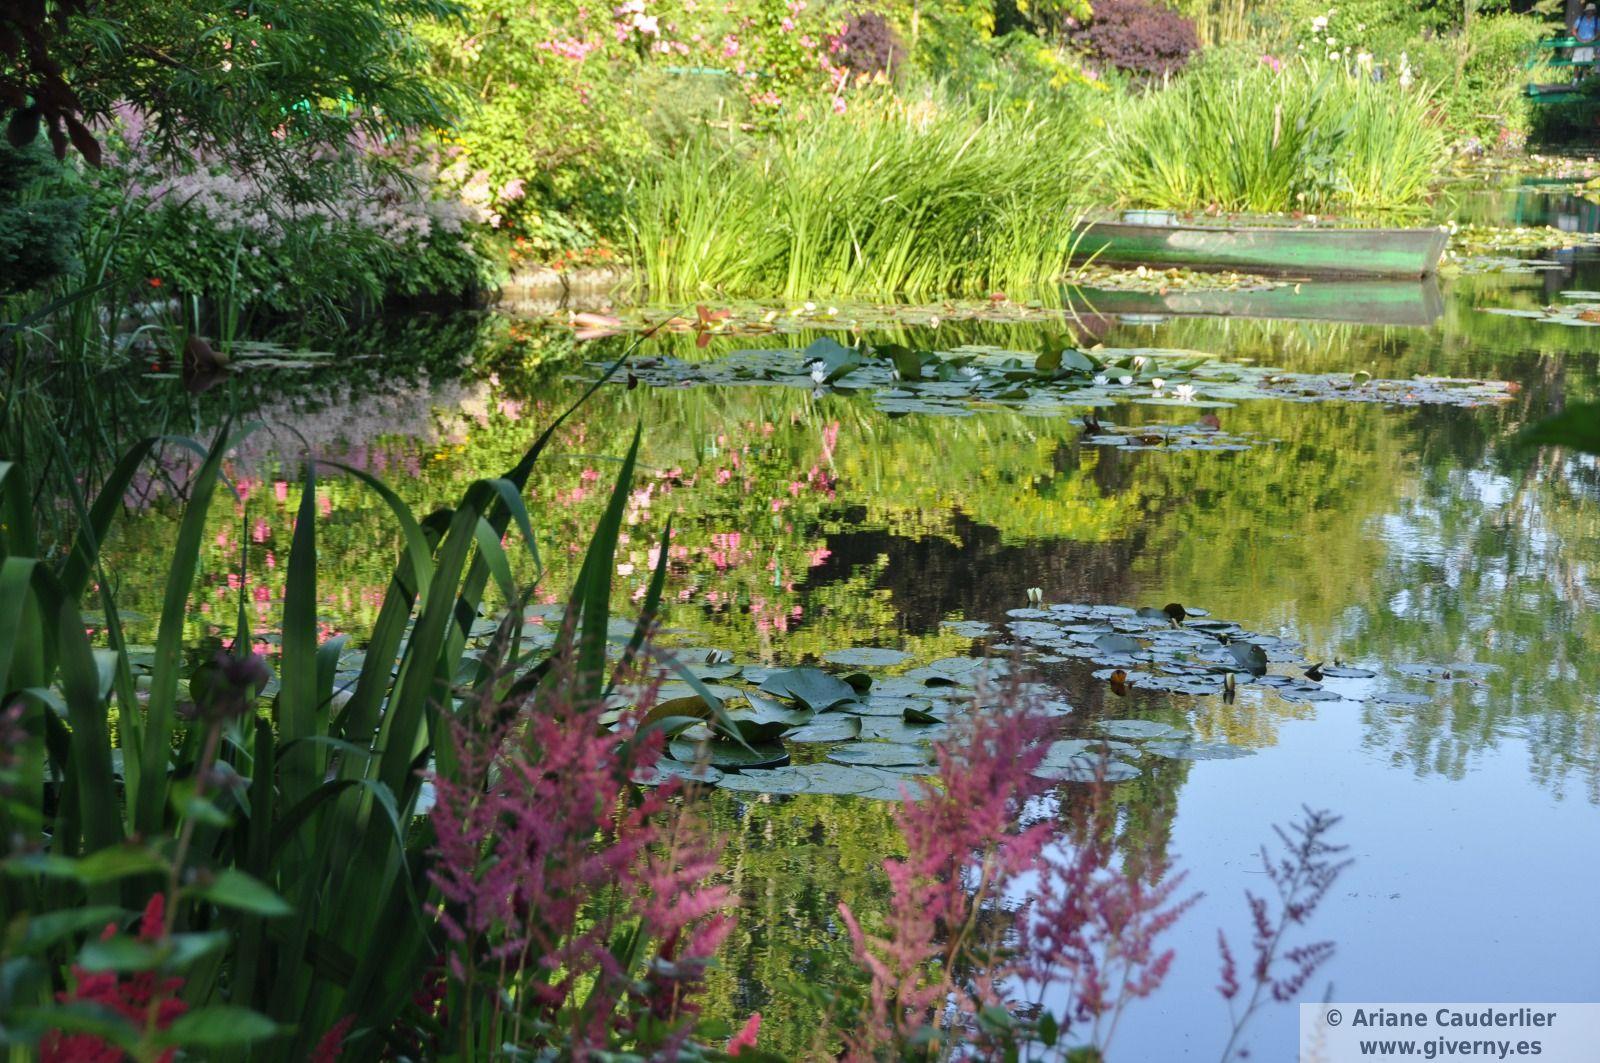 Los jardines de claude monet giverny for Filtros para estanques de jardin